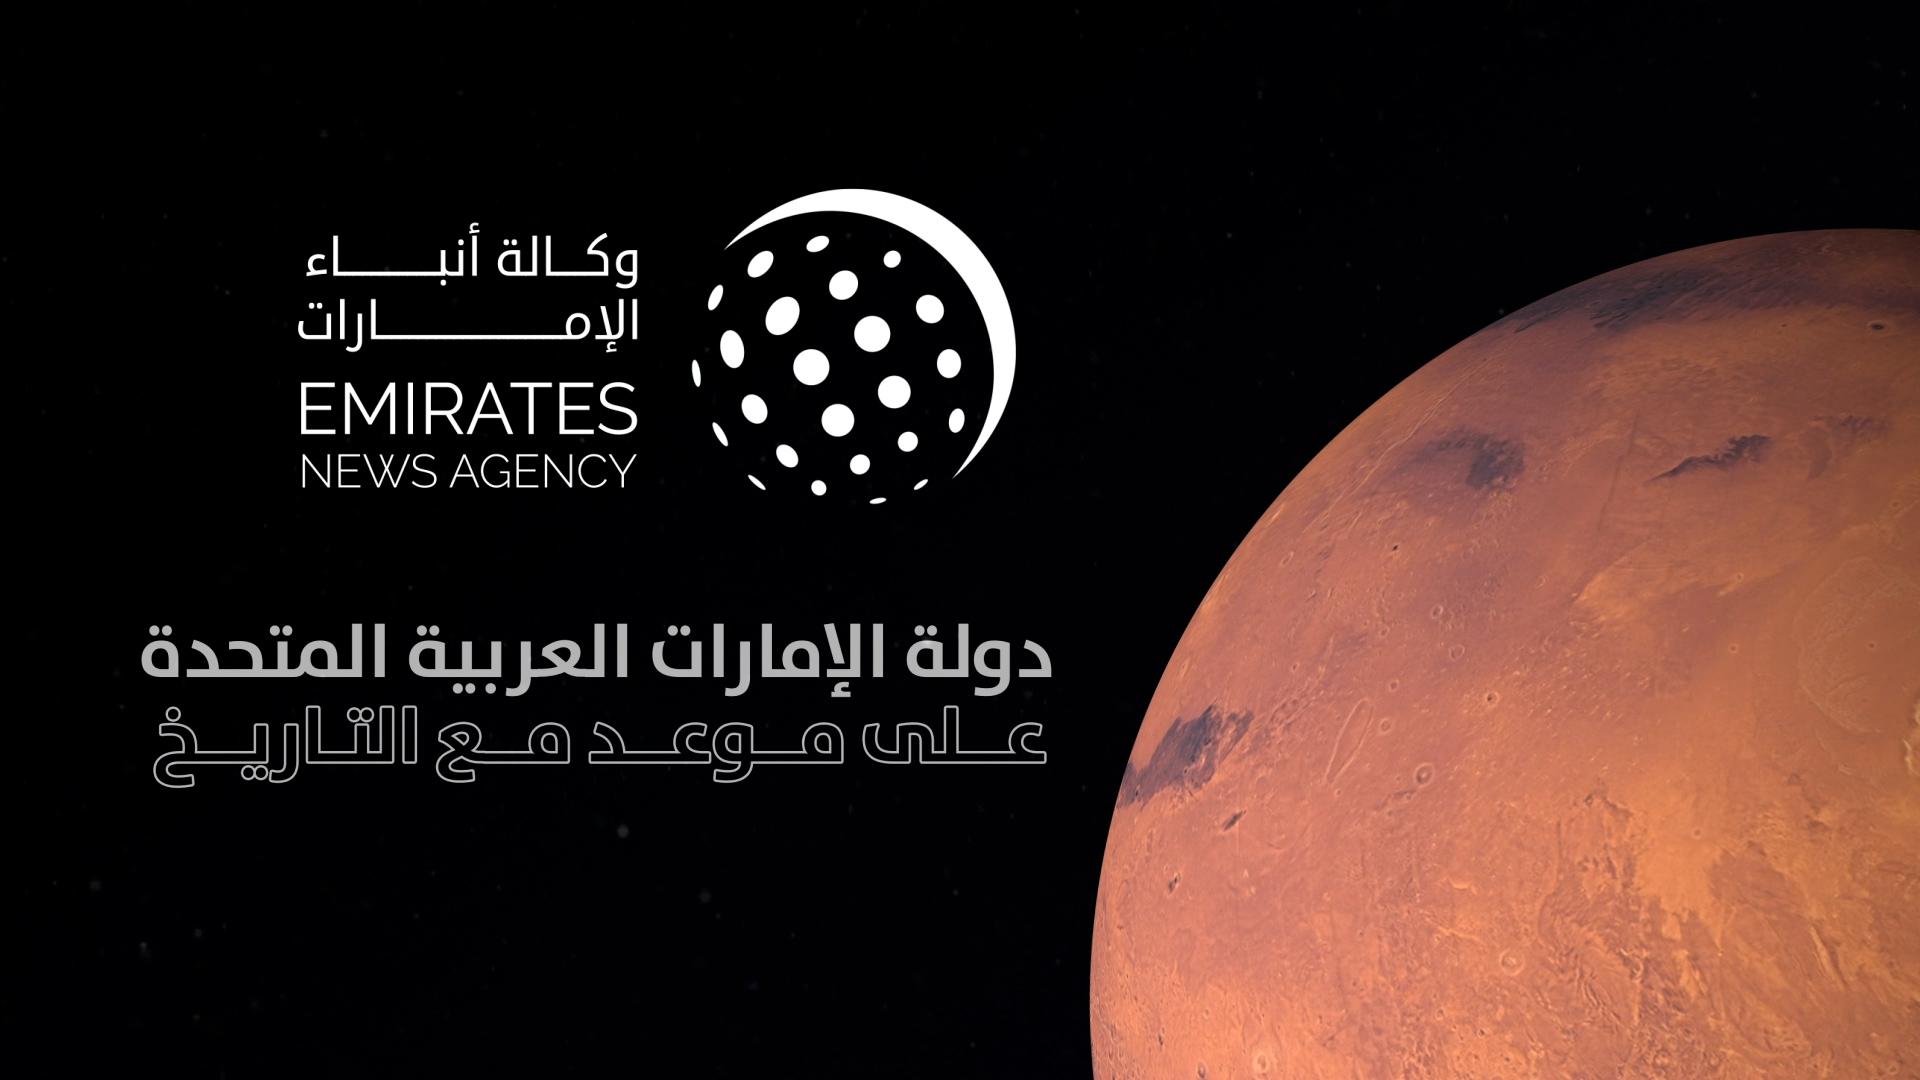 """الإمارات على موعد مع التاريخ .. """"مسبار الأمل"""" يبلغ المريخ بعد غد"""